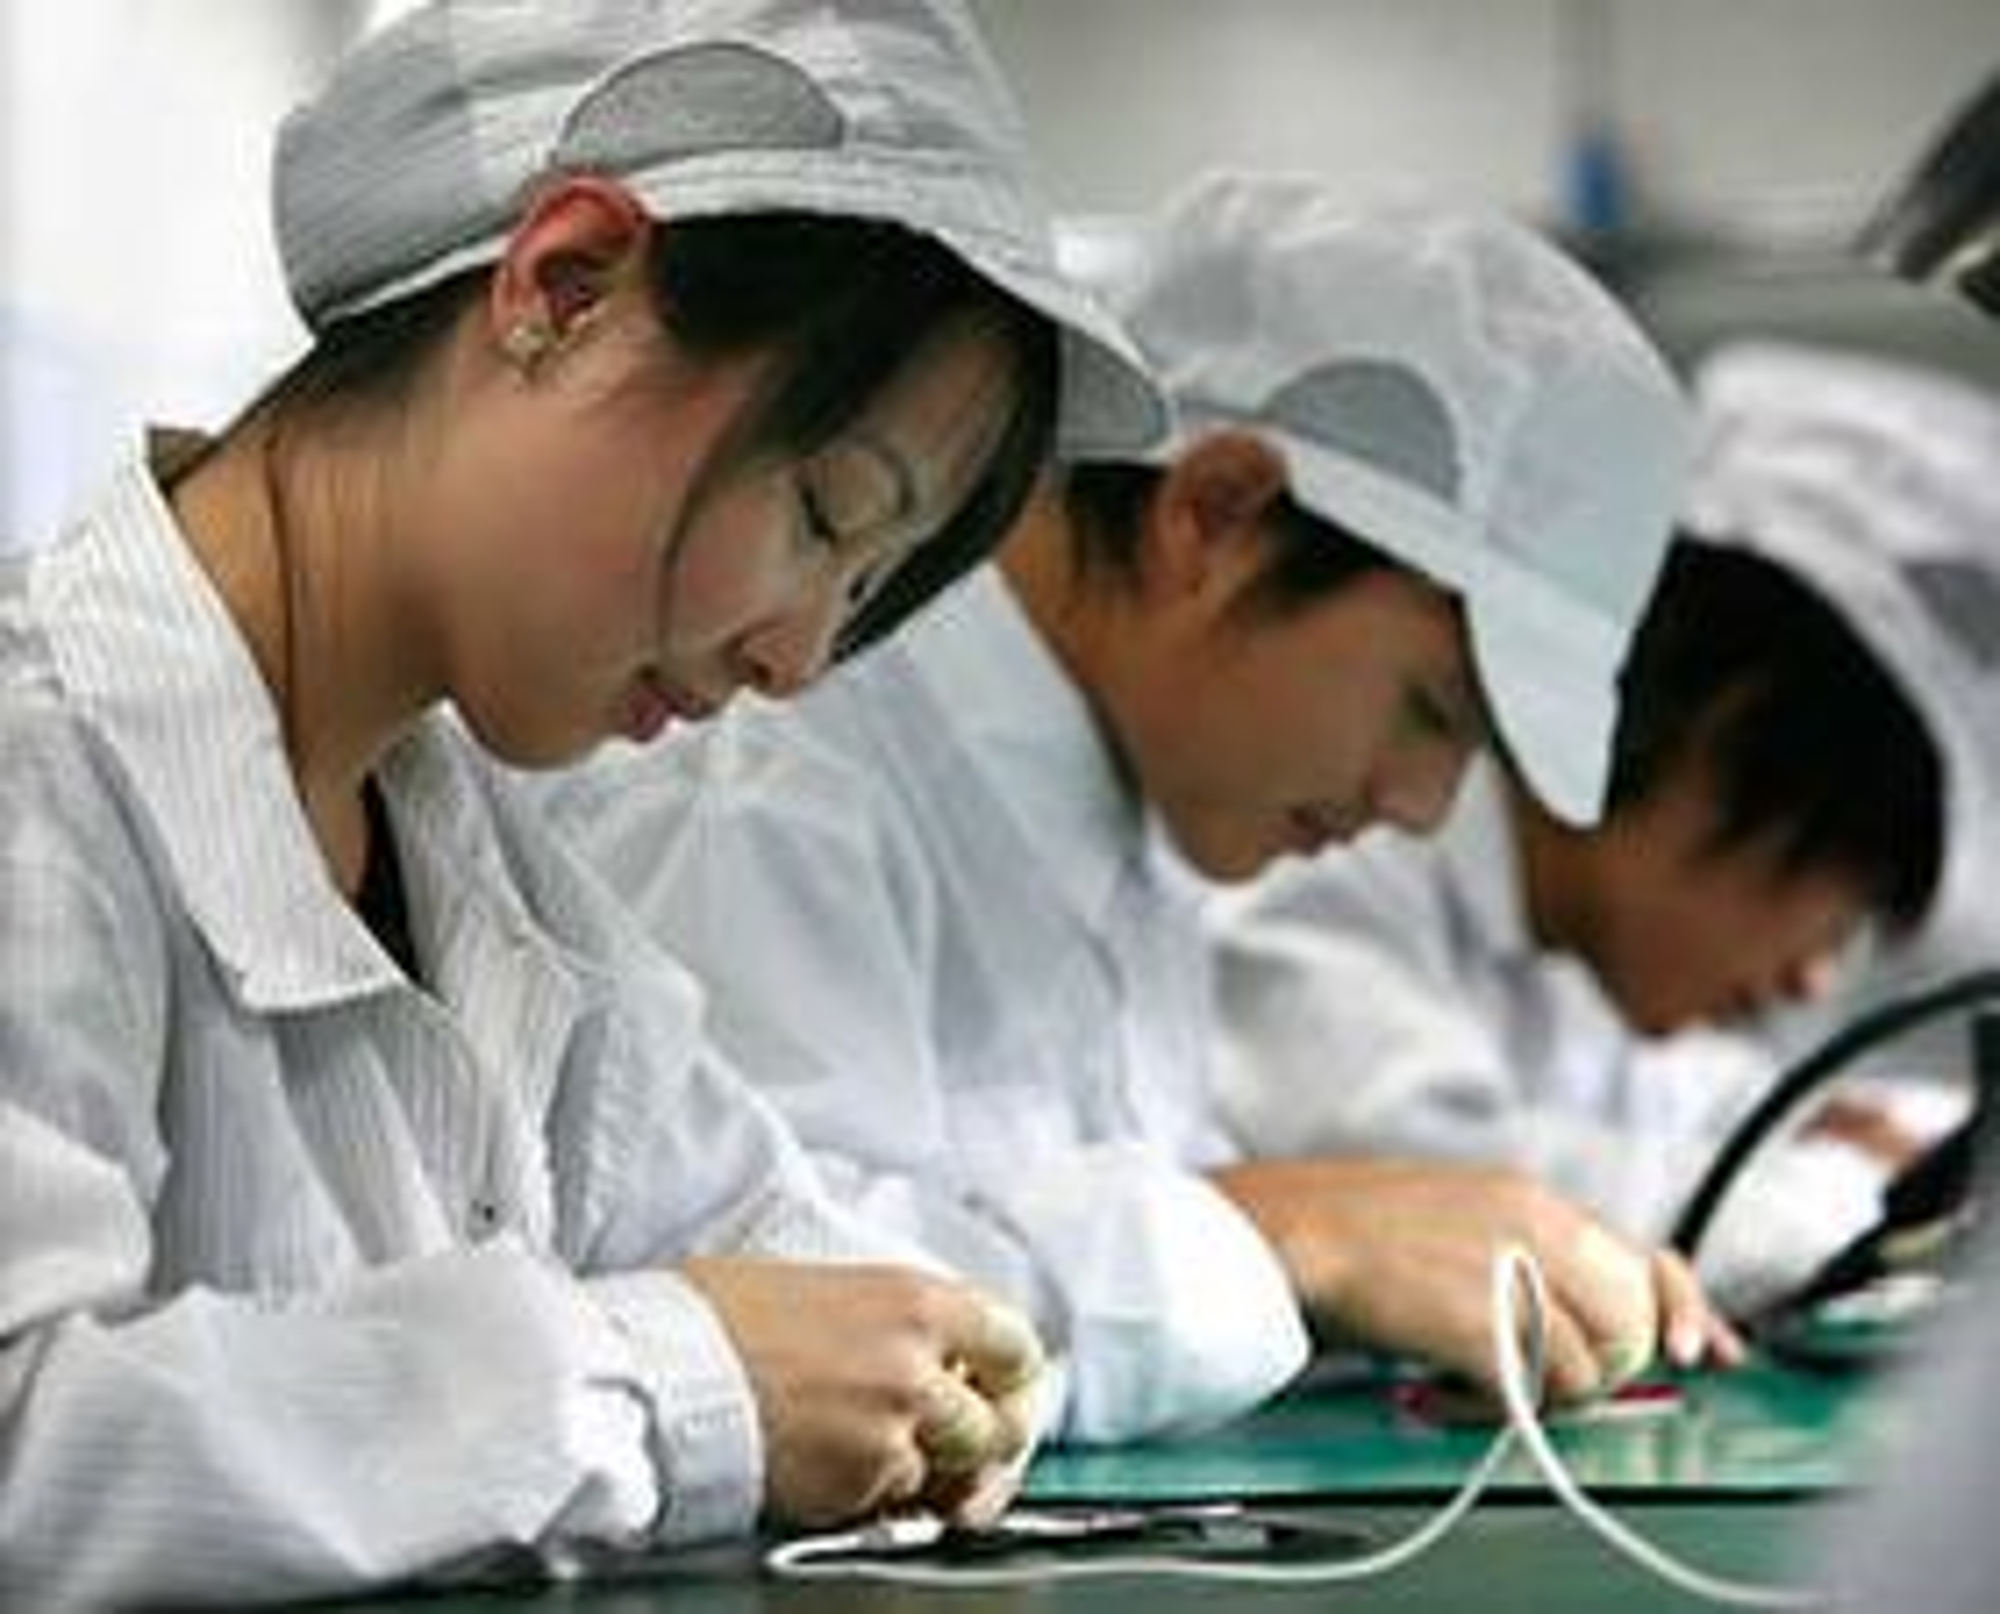 Arbeidere ved Foxconns fabrikker er gjerne unge kvinner  fra utkantstrøk.